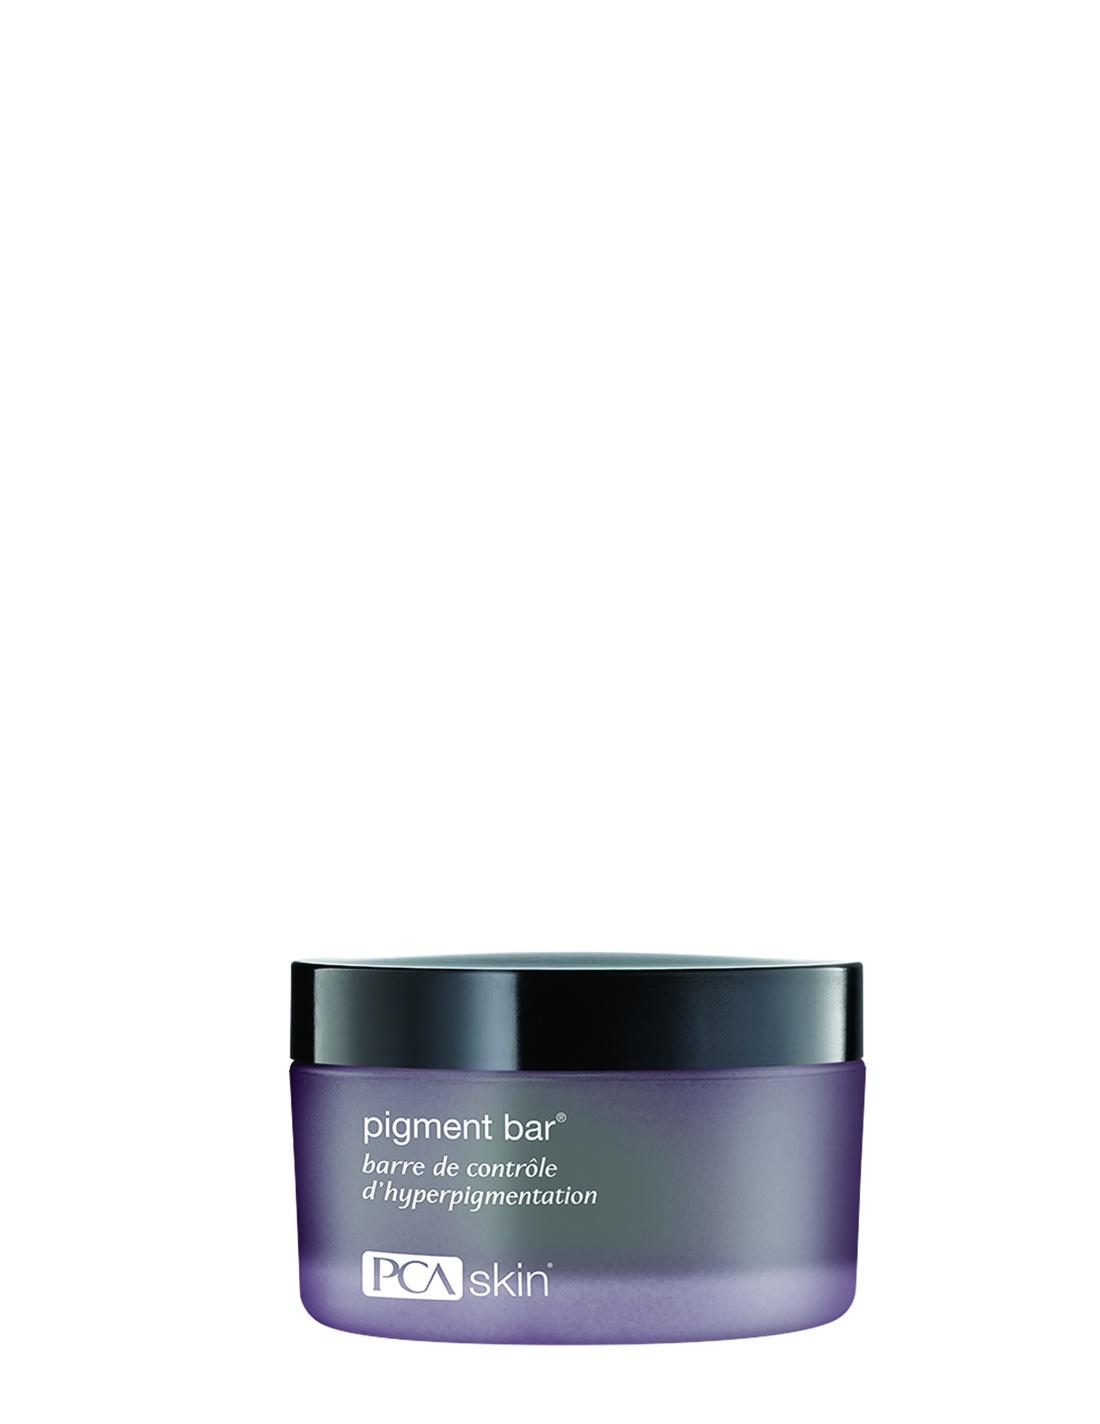 Очищающее средство, выравнивающее тон кожи, 92,4 гр., PCA Skin все цены